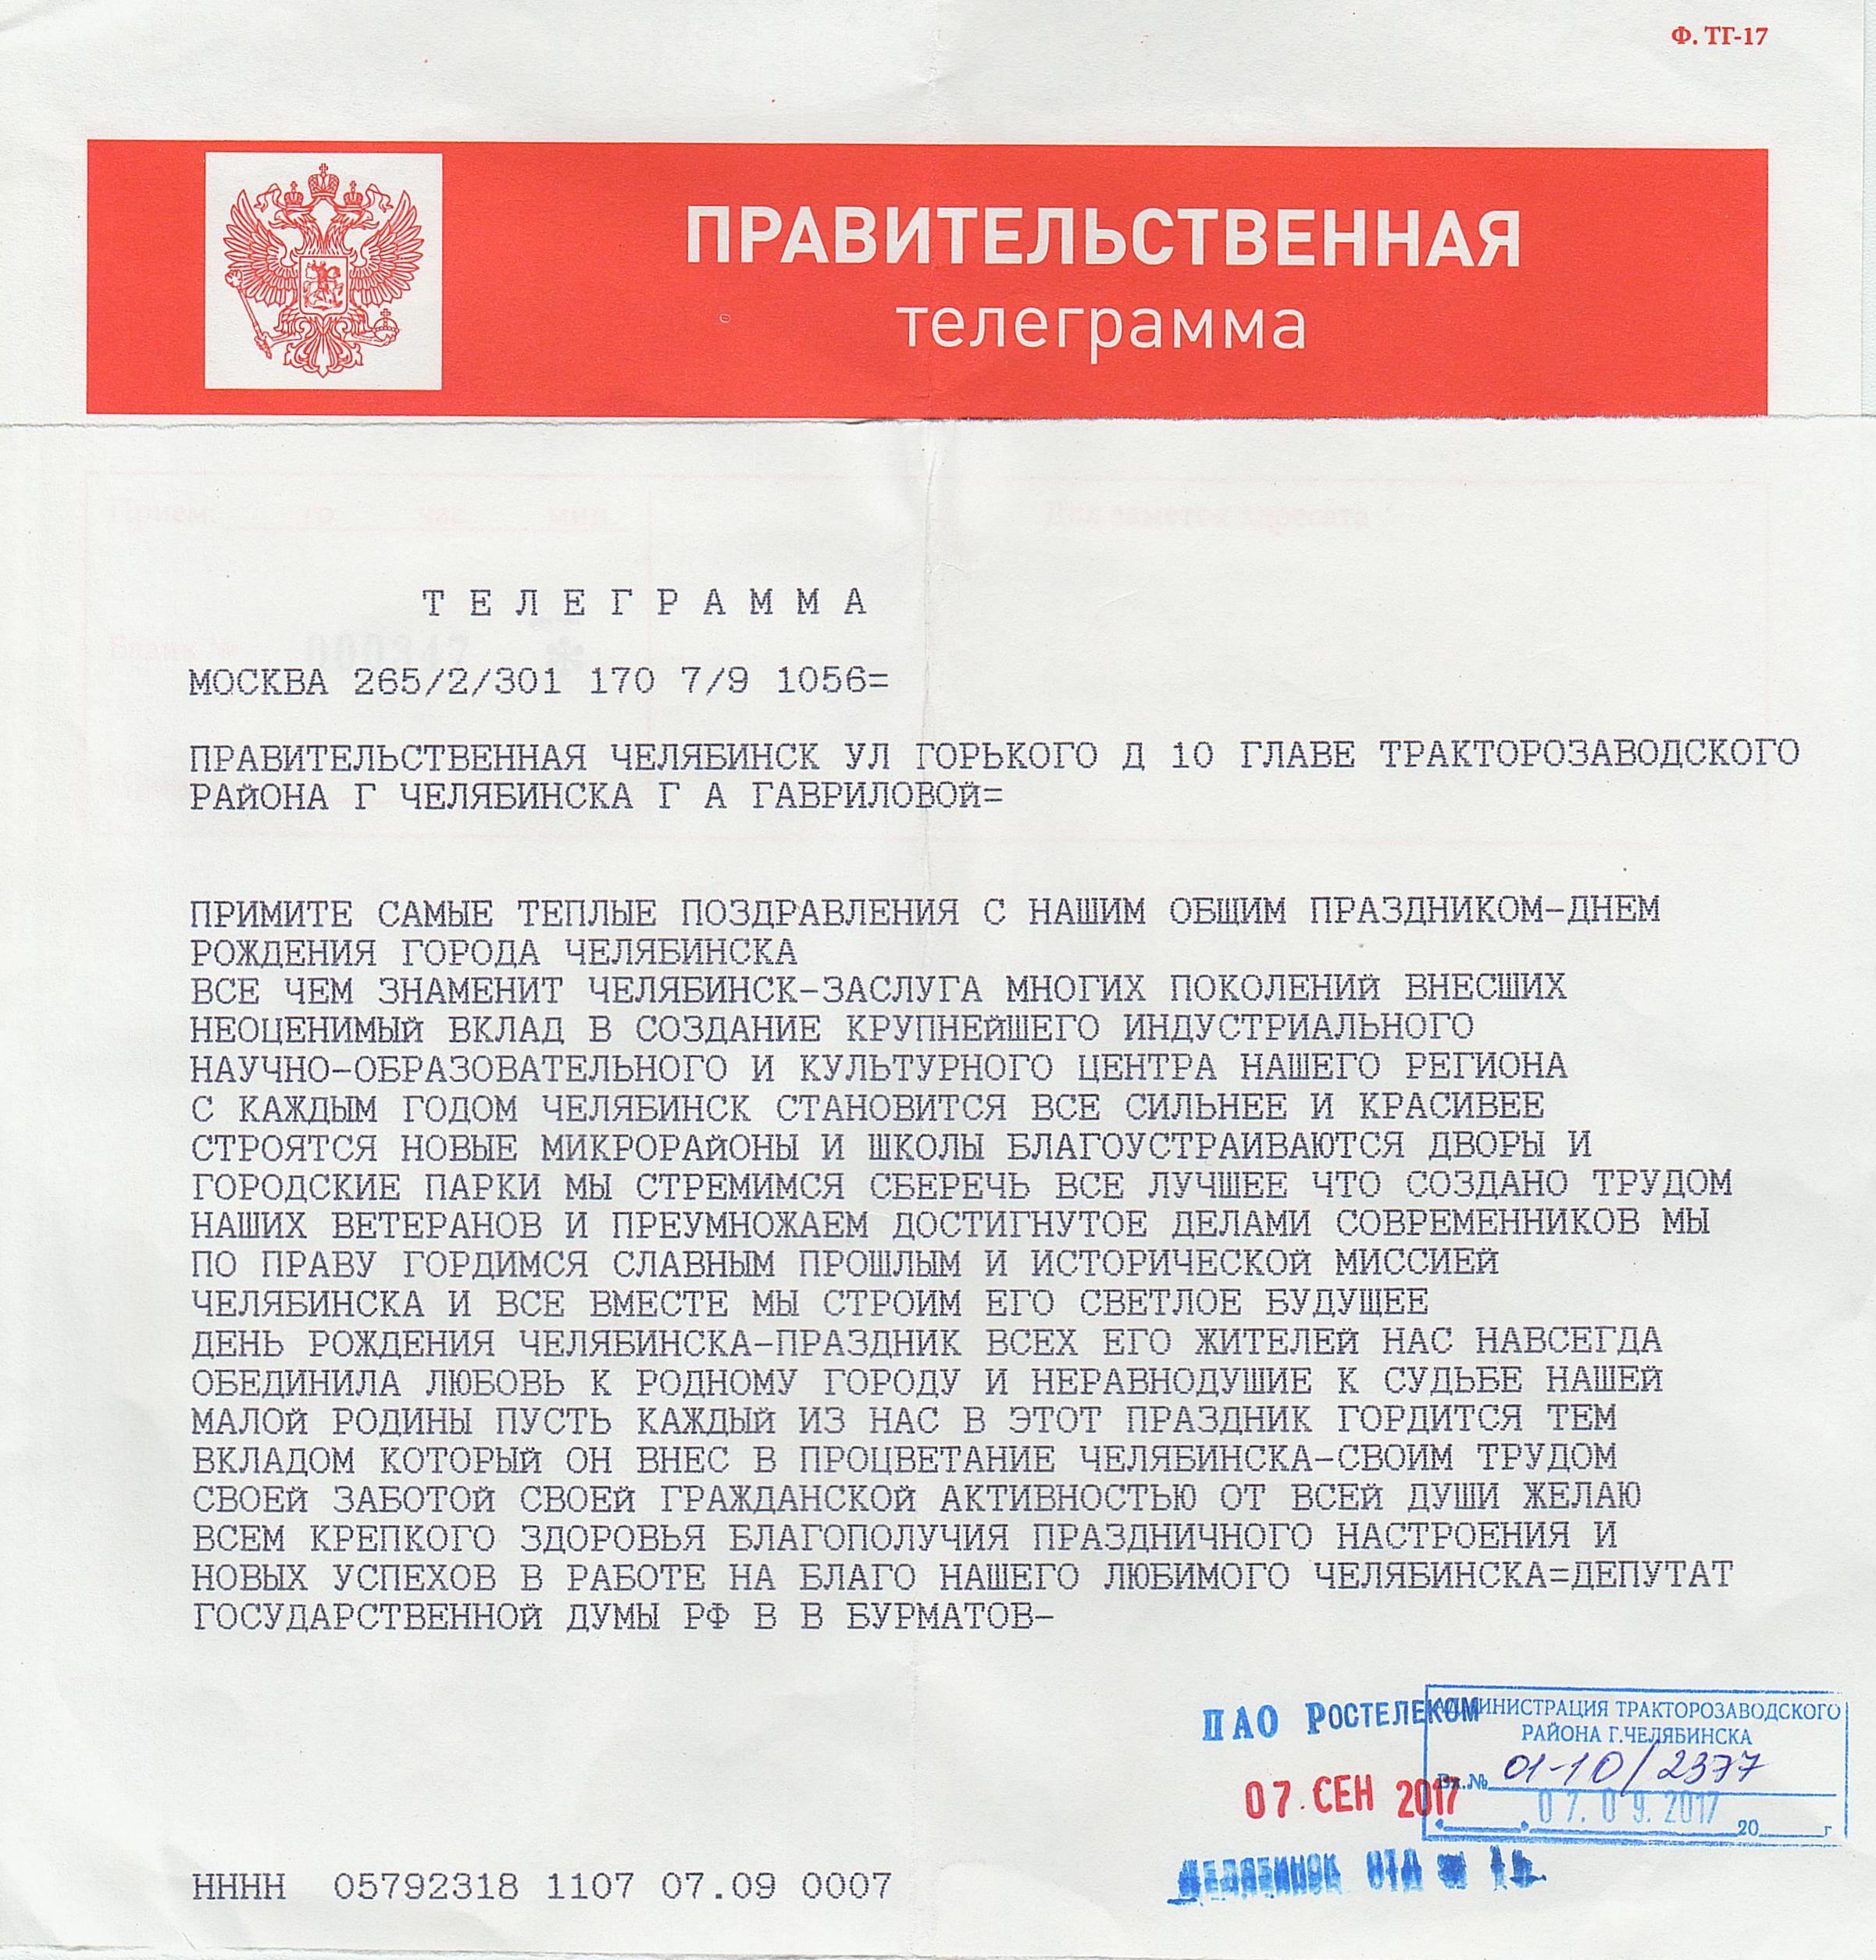 Поздравление главе администрации россии фото 218